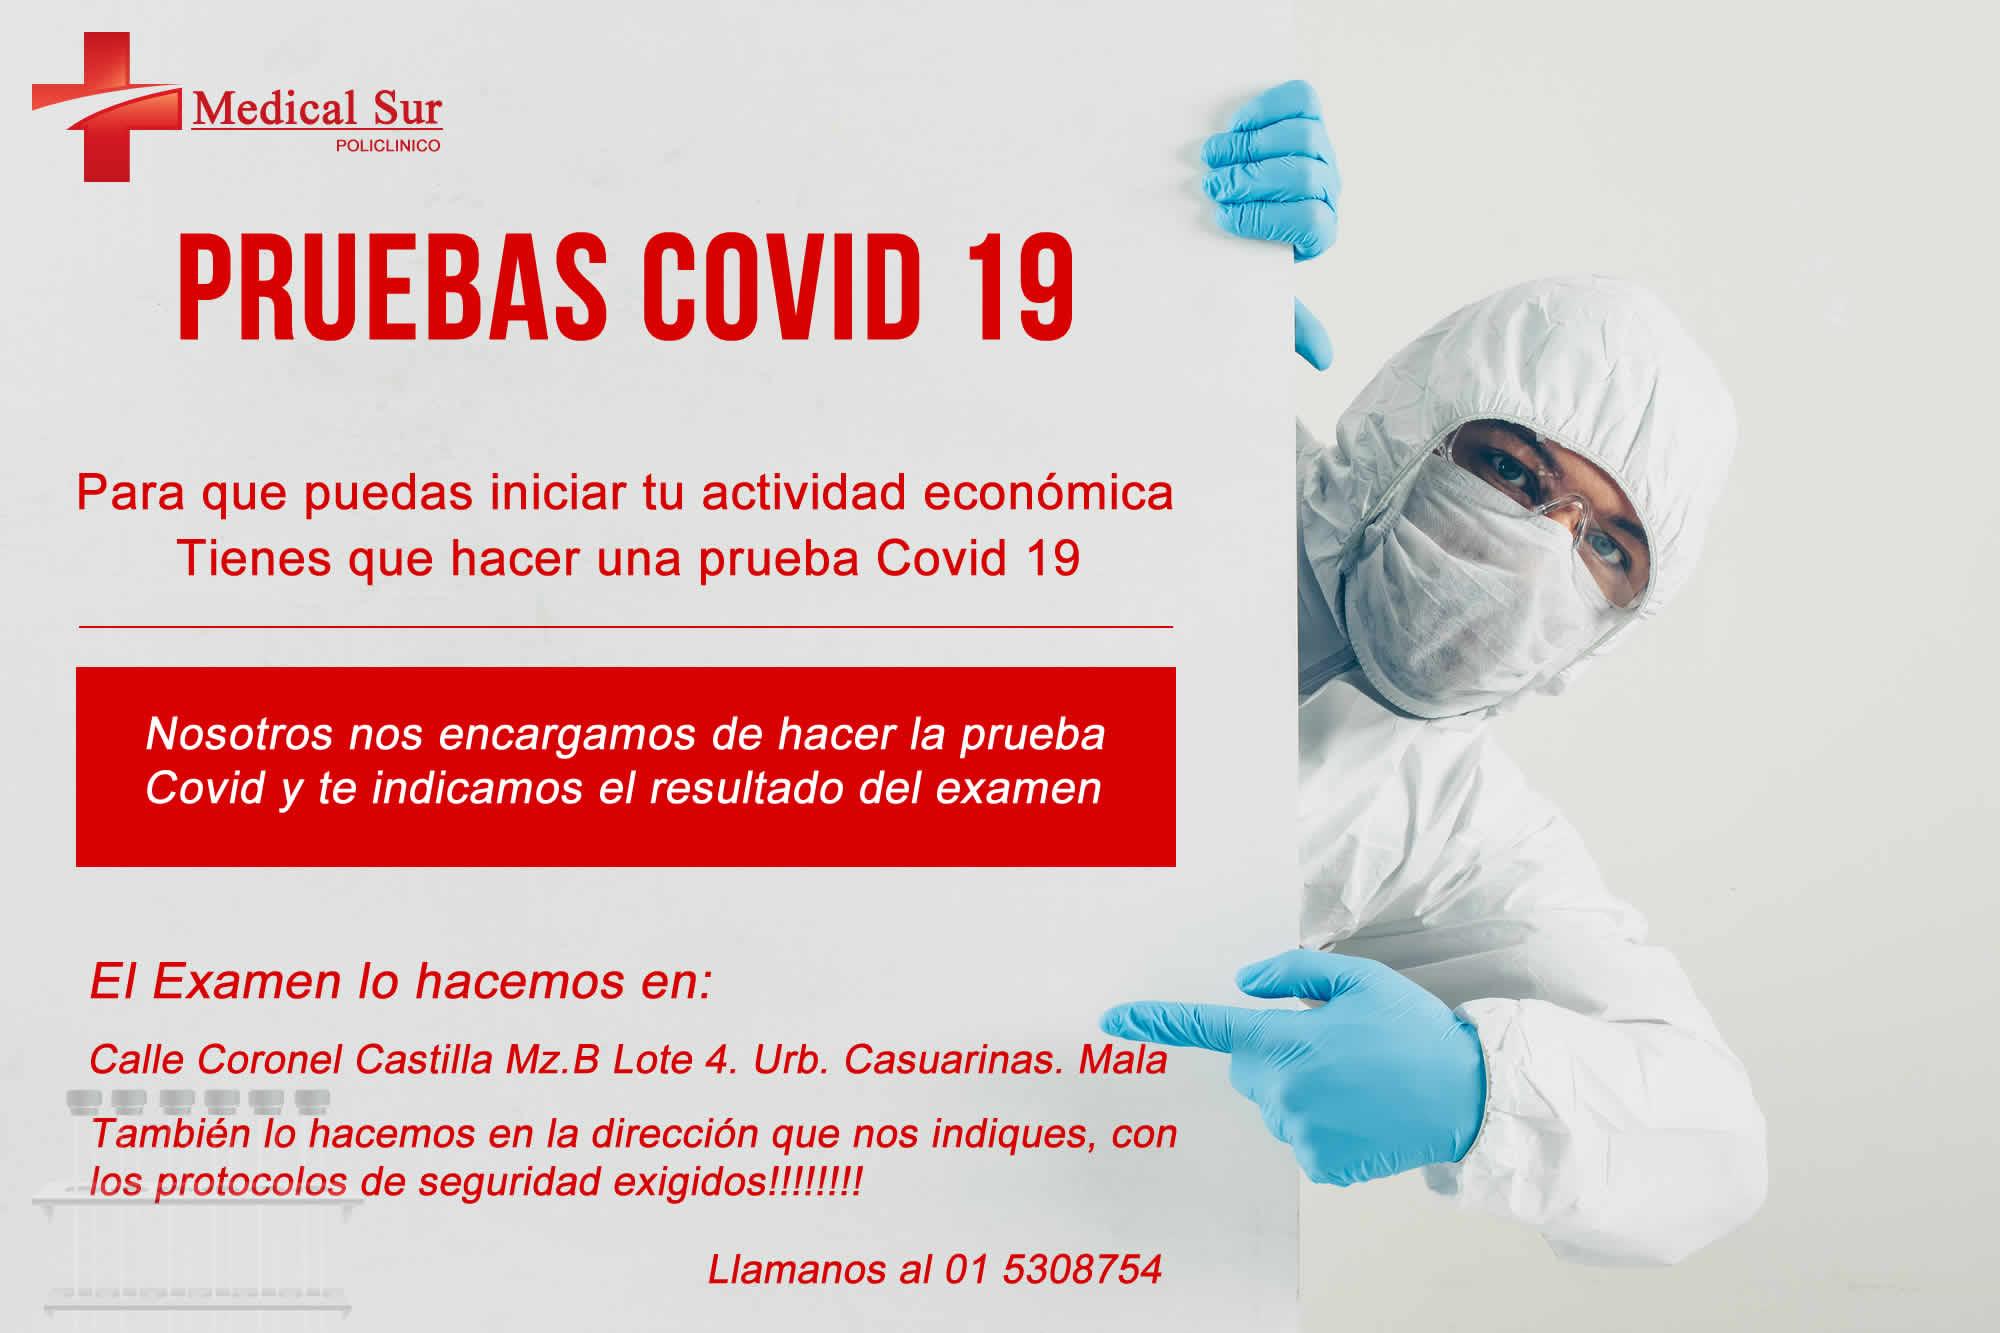 POLICLINICO MEDICAL SUR | PRUEBA COVID